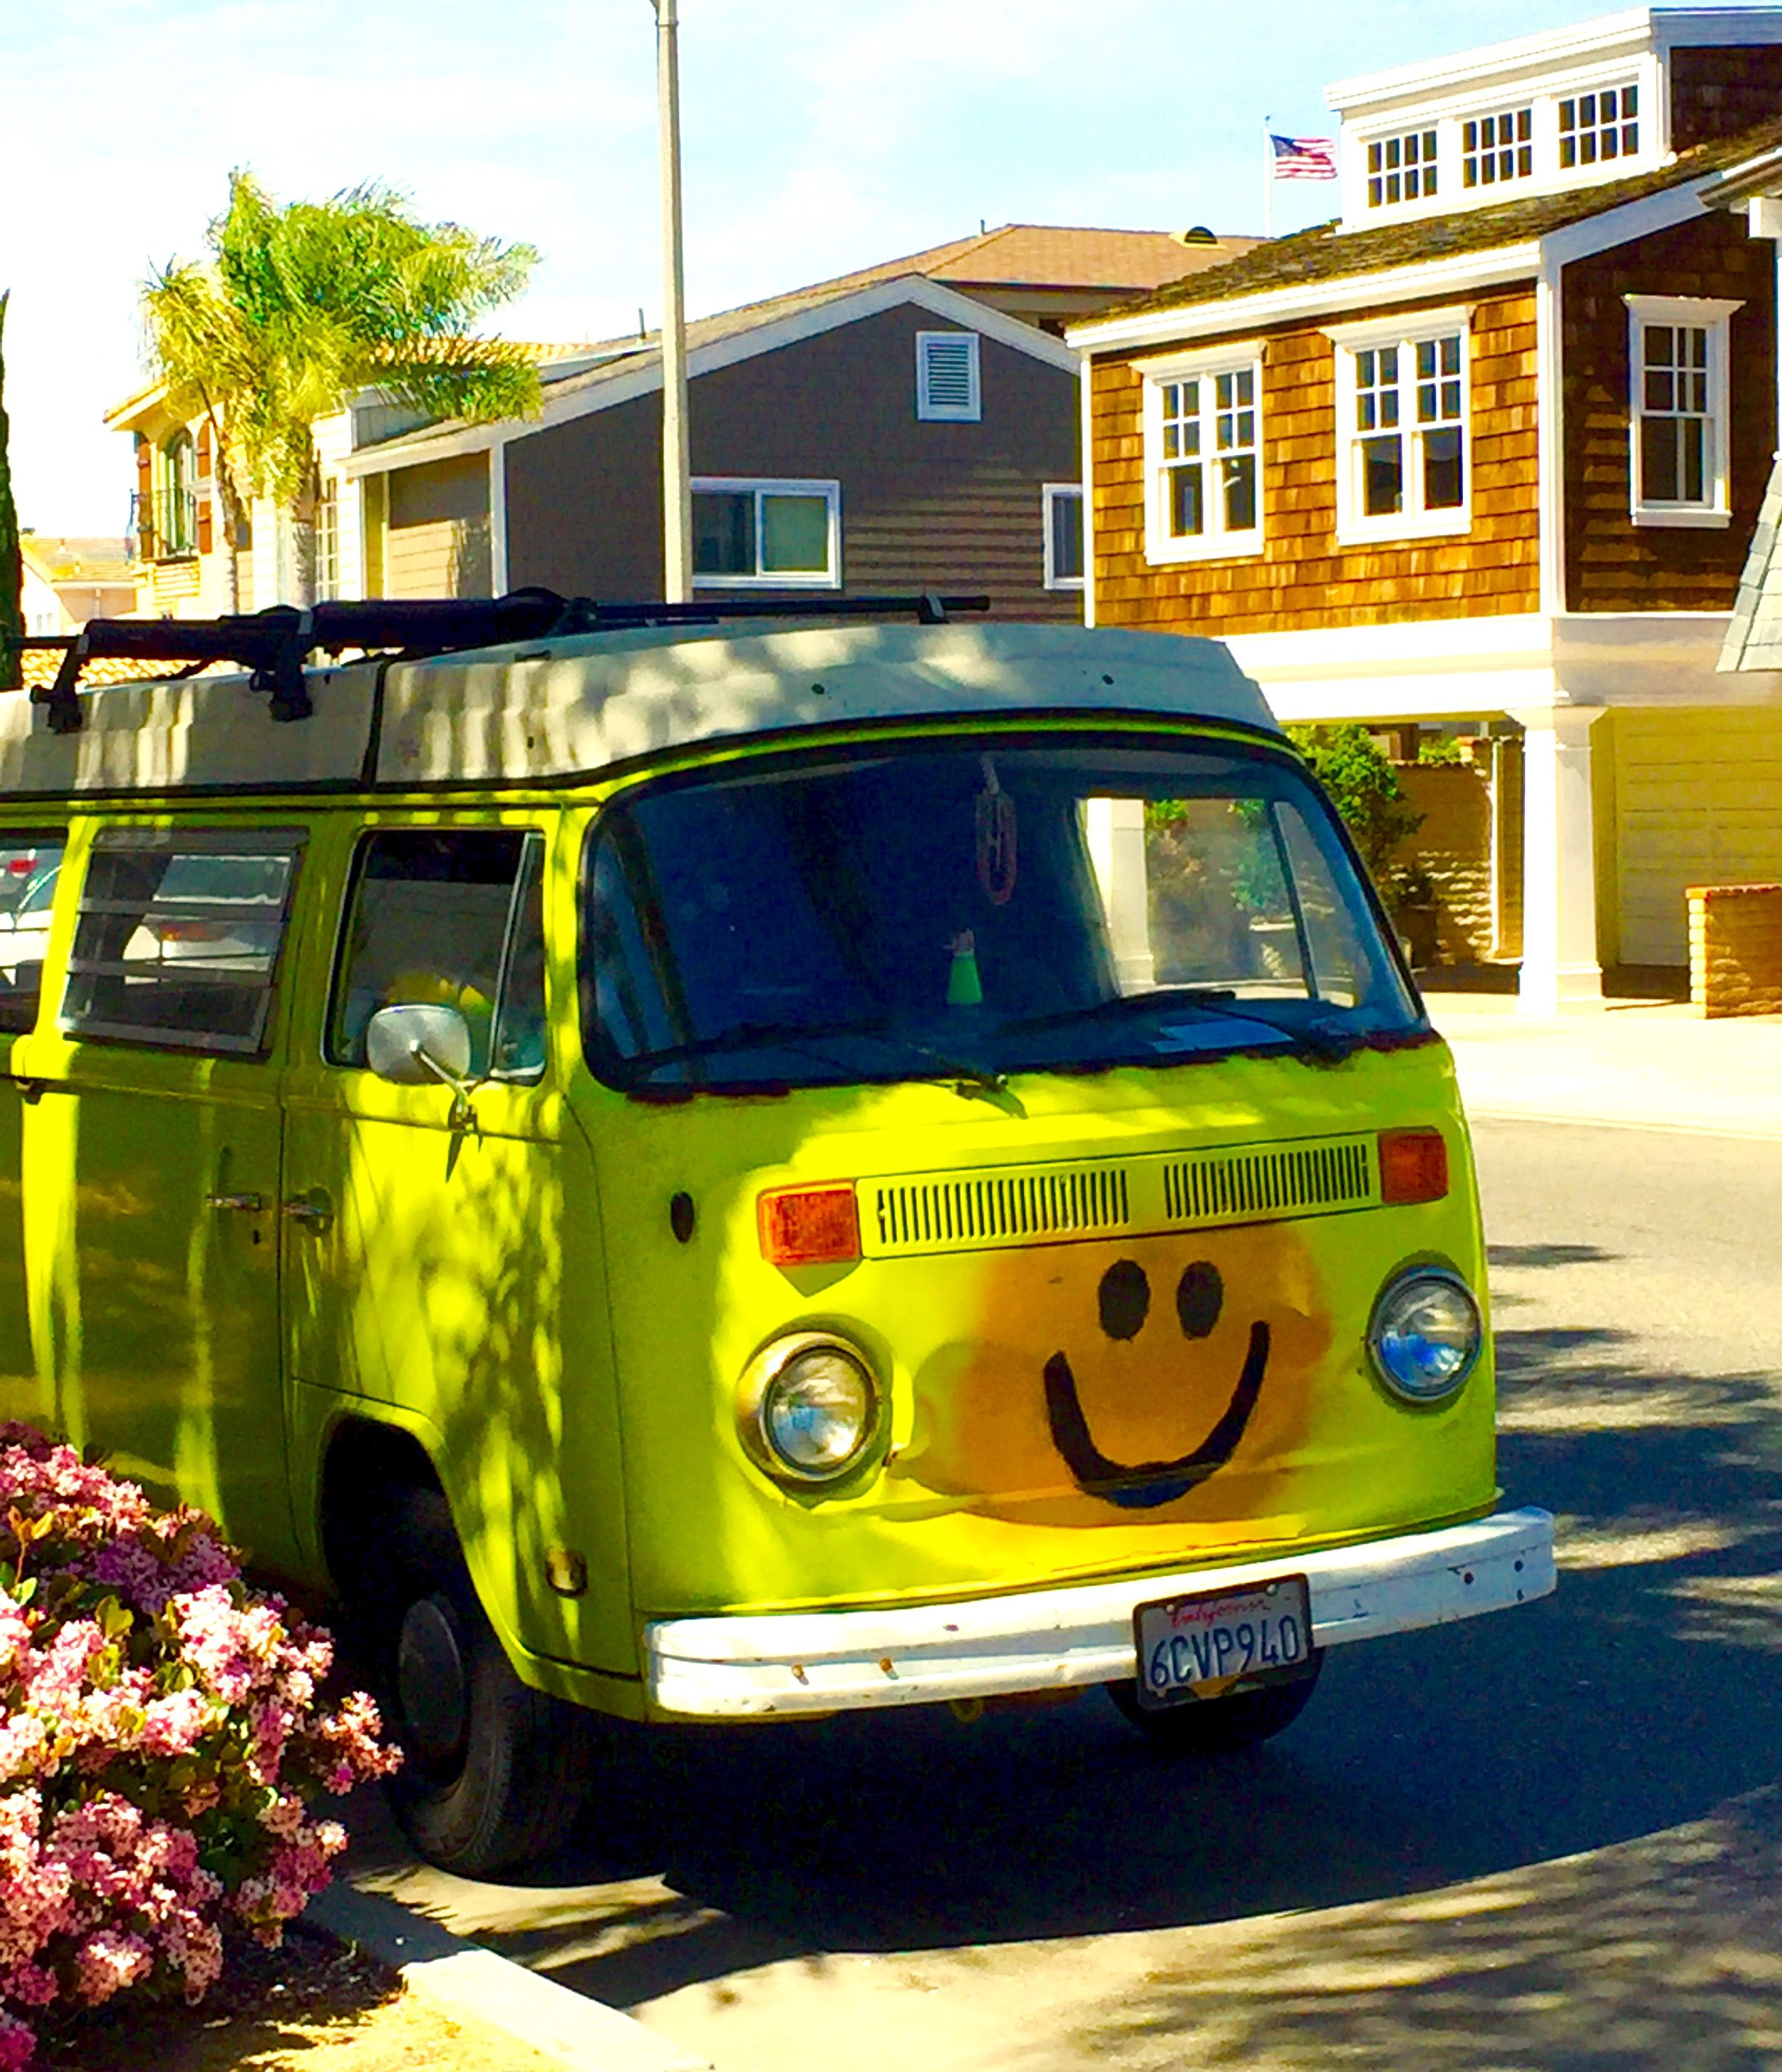 Happy Hippie Wagon 3 Bohovardocom Boho Bohemian Hippie Gypsy